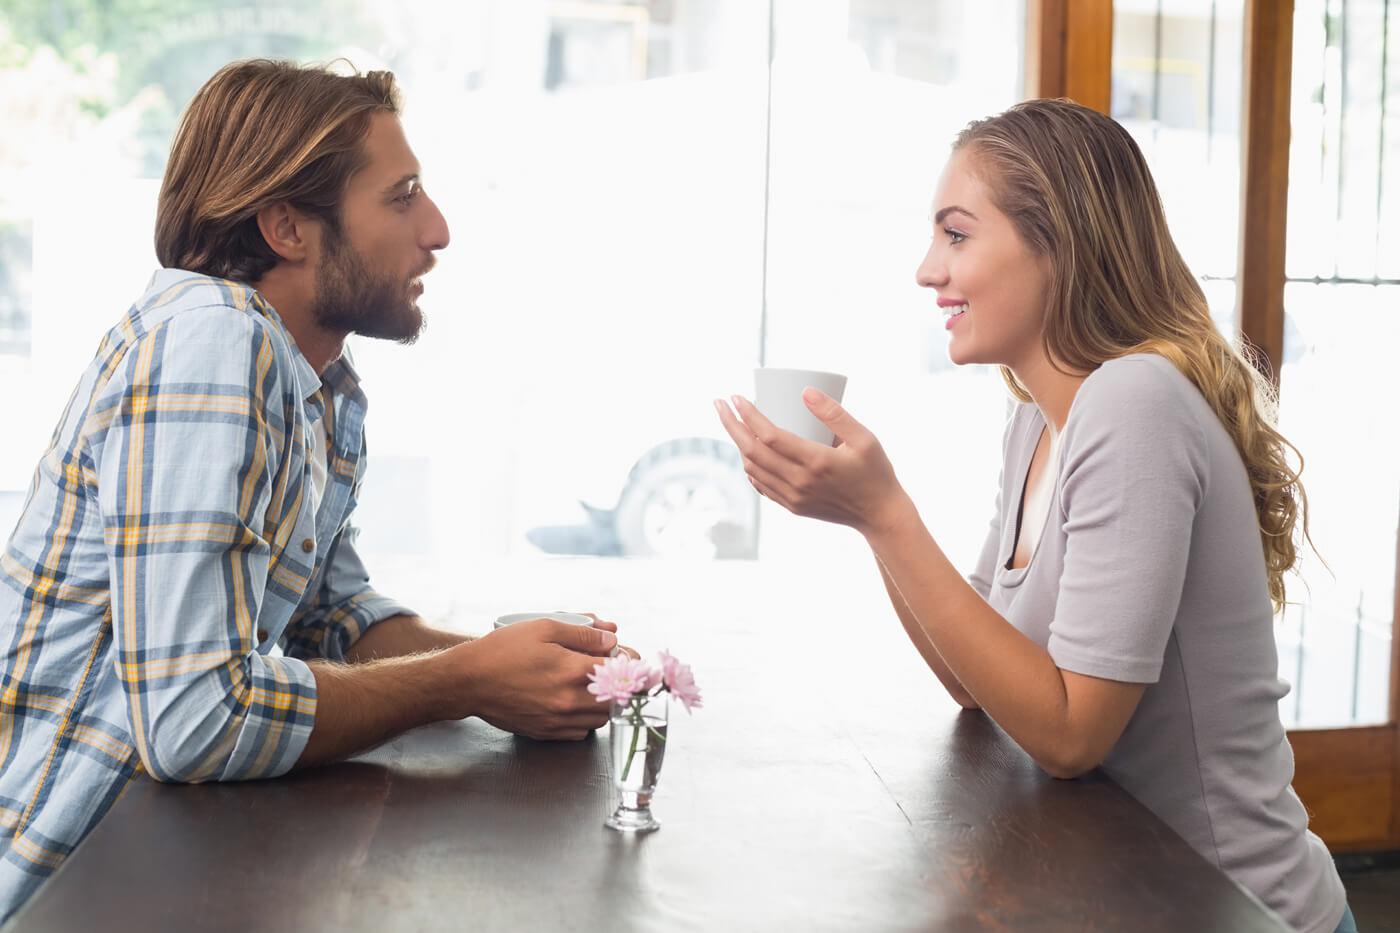 О чем поговорить с парнем